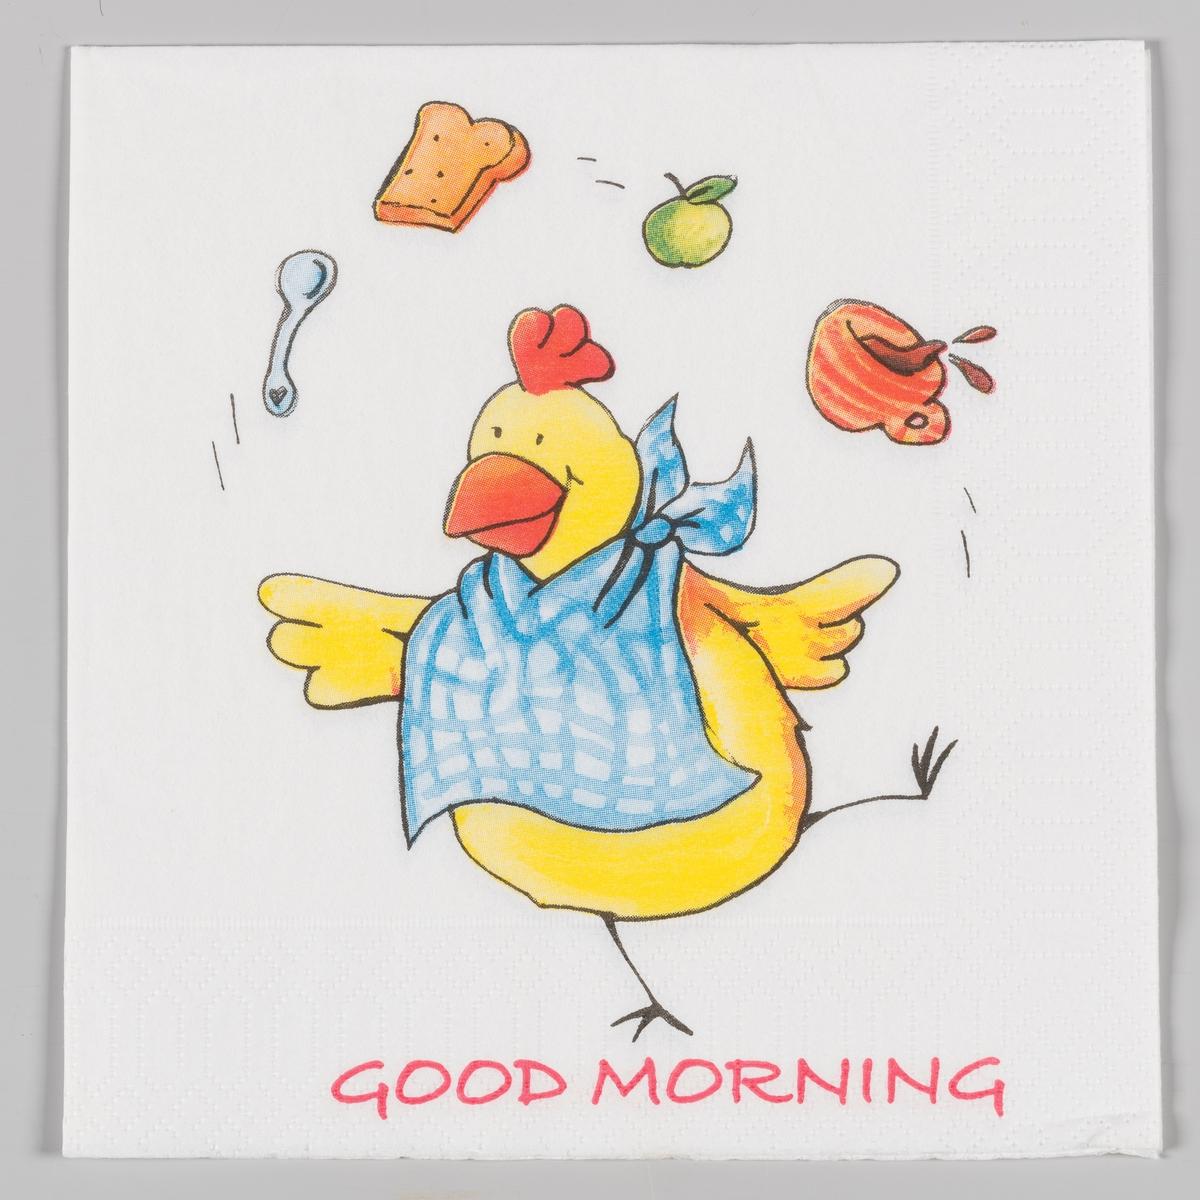 En høne med smekke står på ett bein og sjonglerer med skje, brødskive, eple og en kopp kaffe.